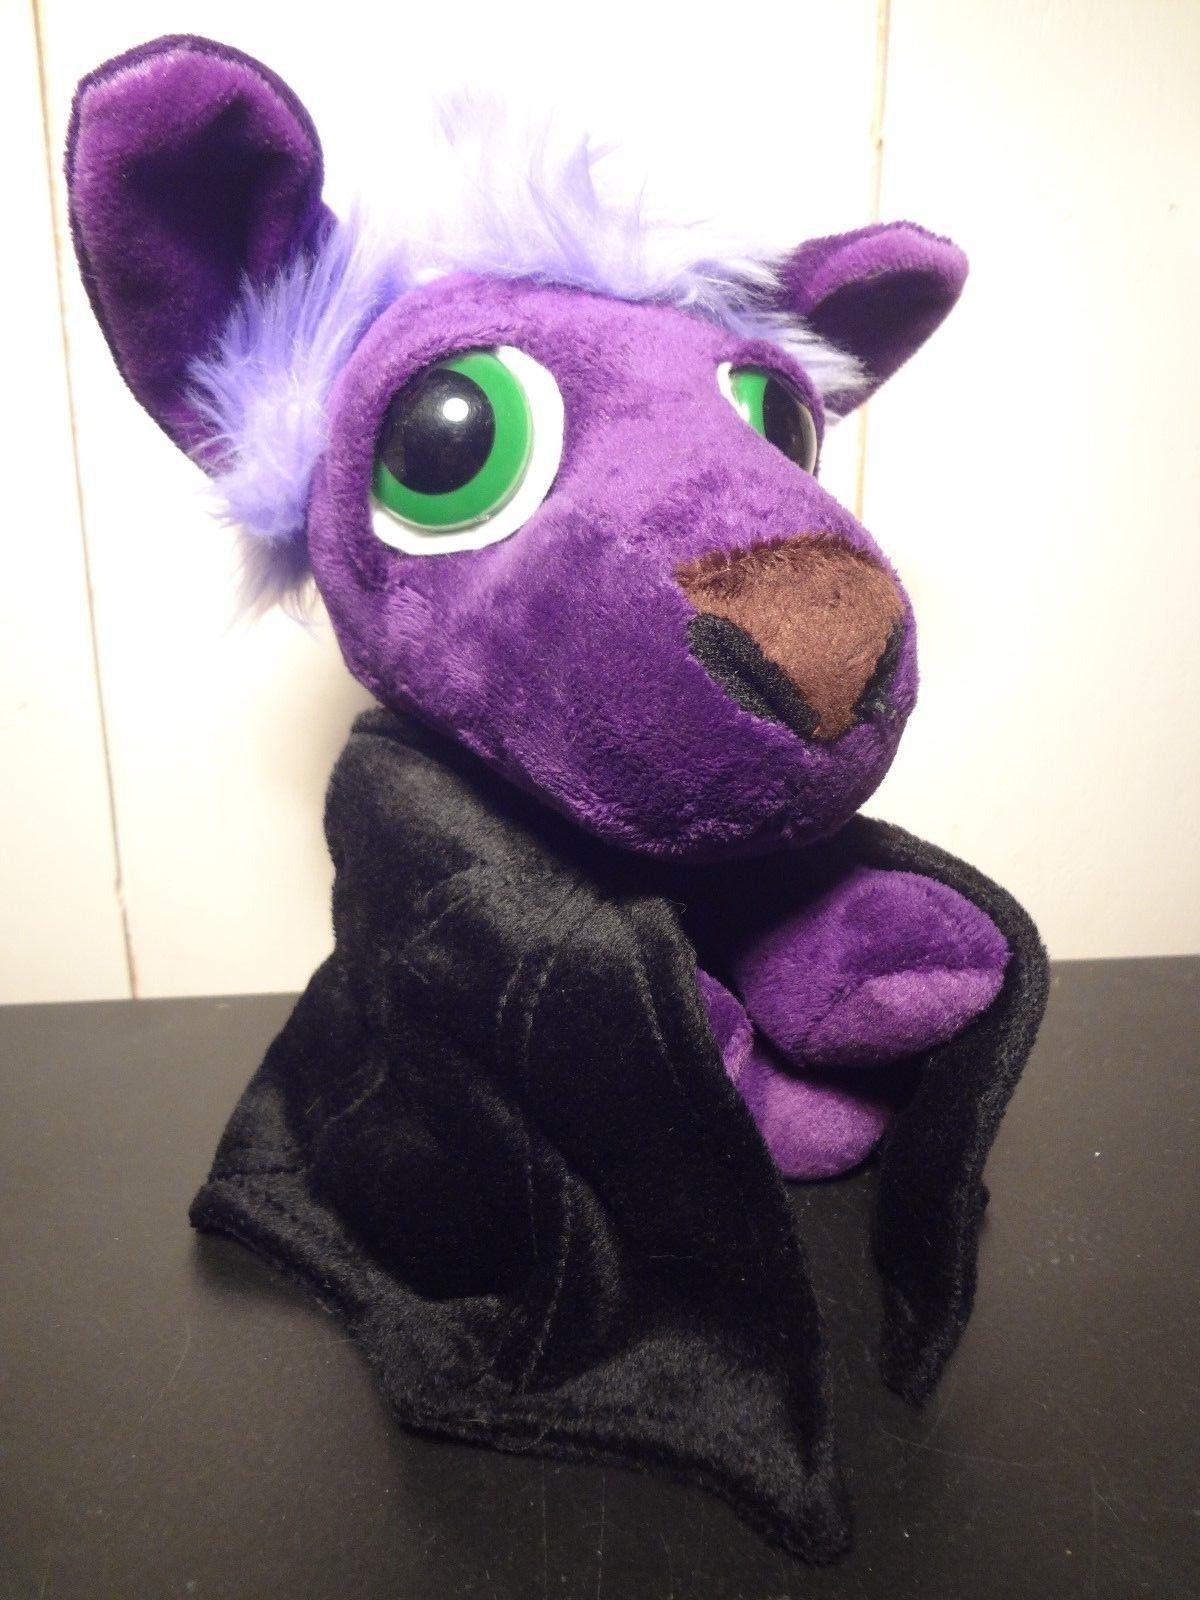 Purple Plush Bat - $10.12